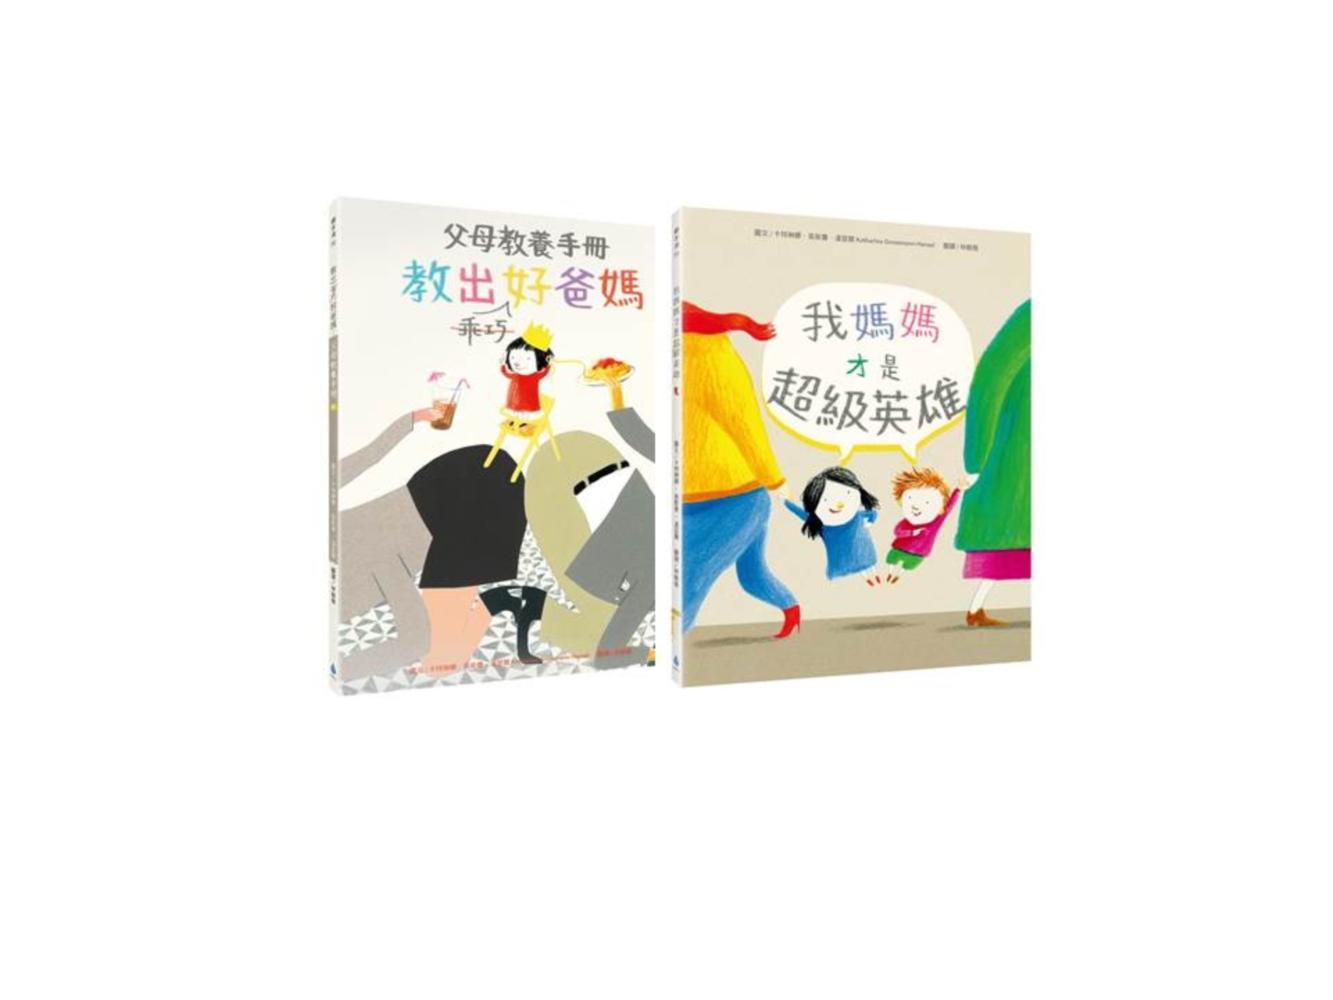 翻轉視角‧重新思考愛:德國暢銷親子繪本套書(我媽媽才是超級英雄、教出乖巧好爸媽:父母教養手冊)